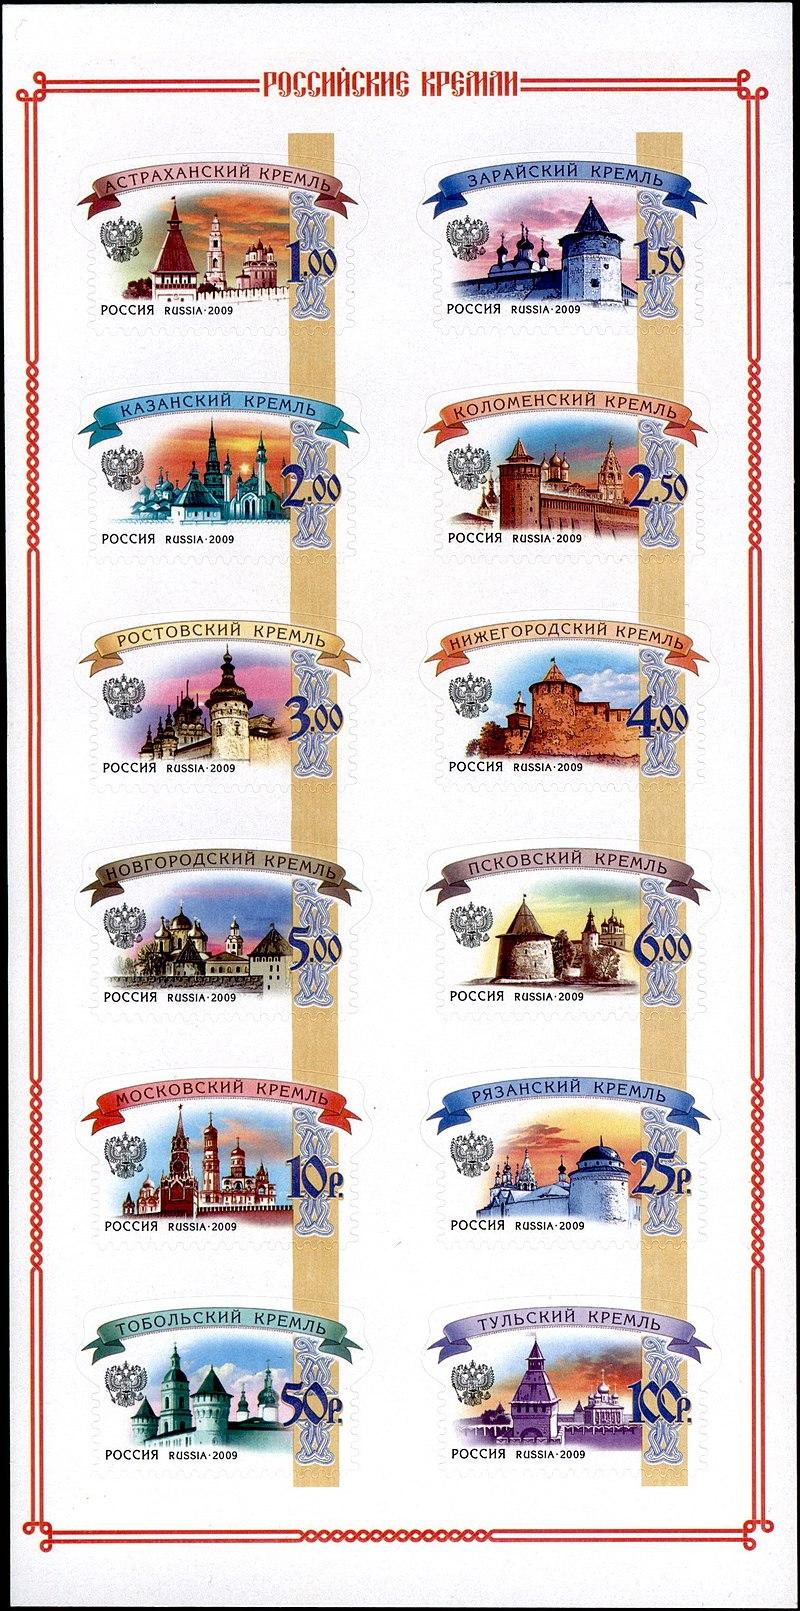 Сколько марок для отправки открытки по россии, спасибо большое